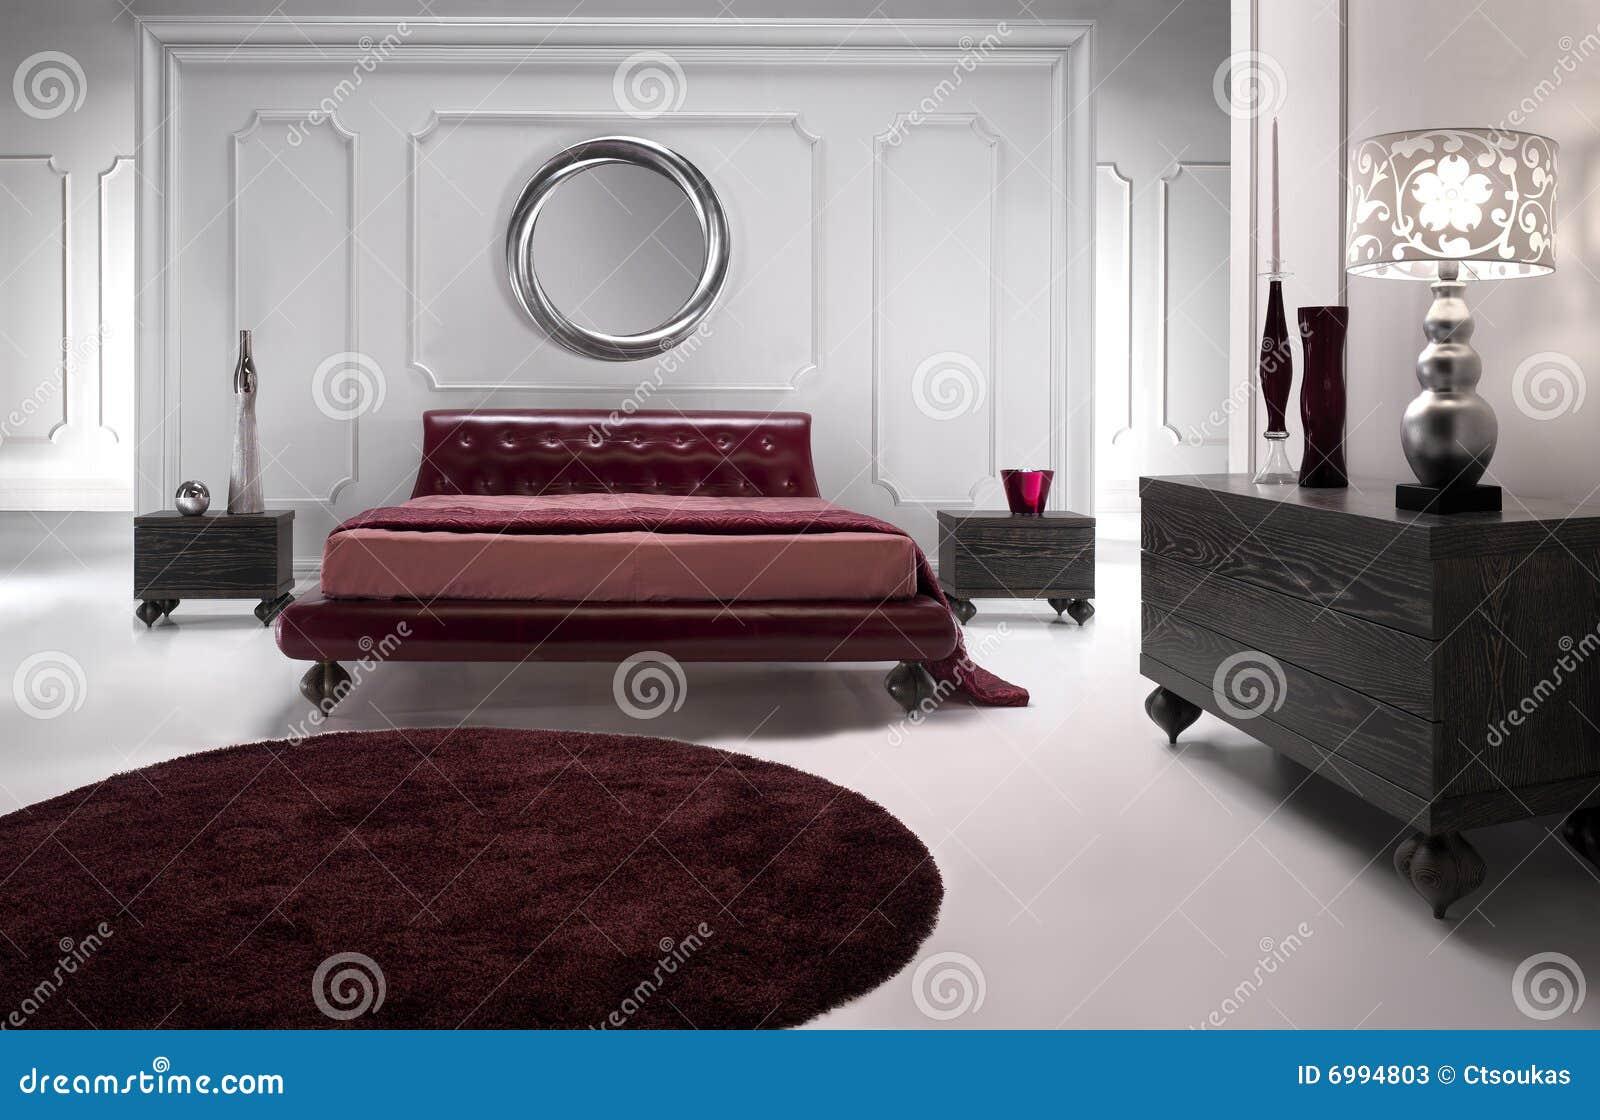 Chambre A Coucher En Bois Senegal : Tapis Chambre ? Coucher: Chambre-a-coucher-avec-un-tapis-en-peau-de